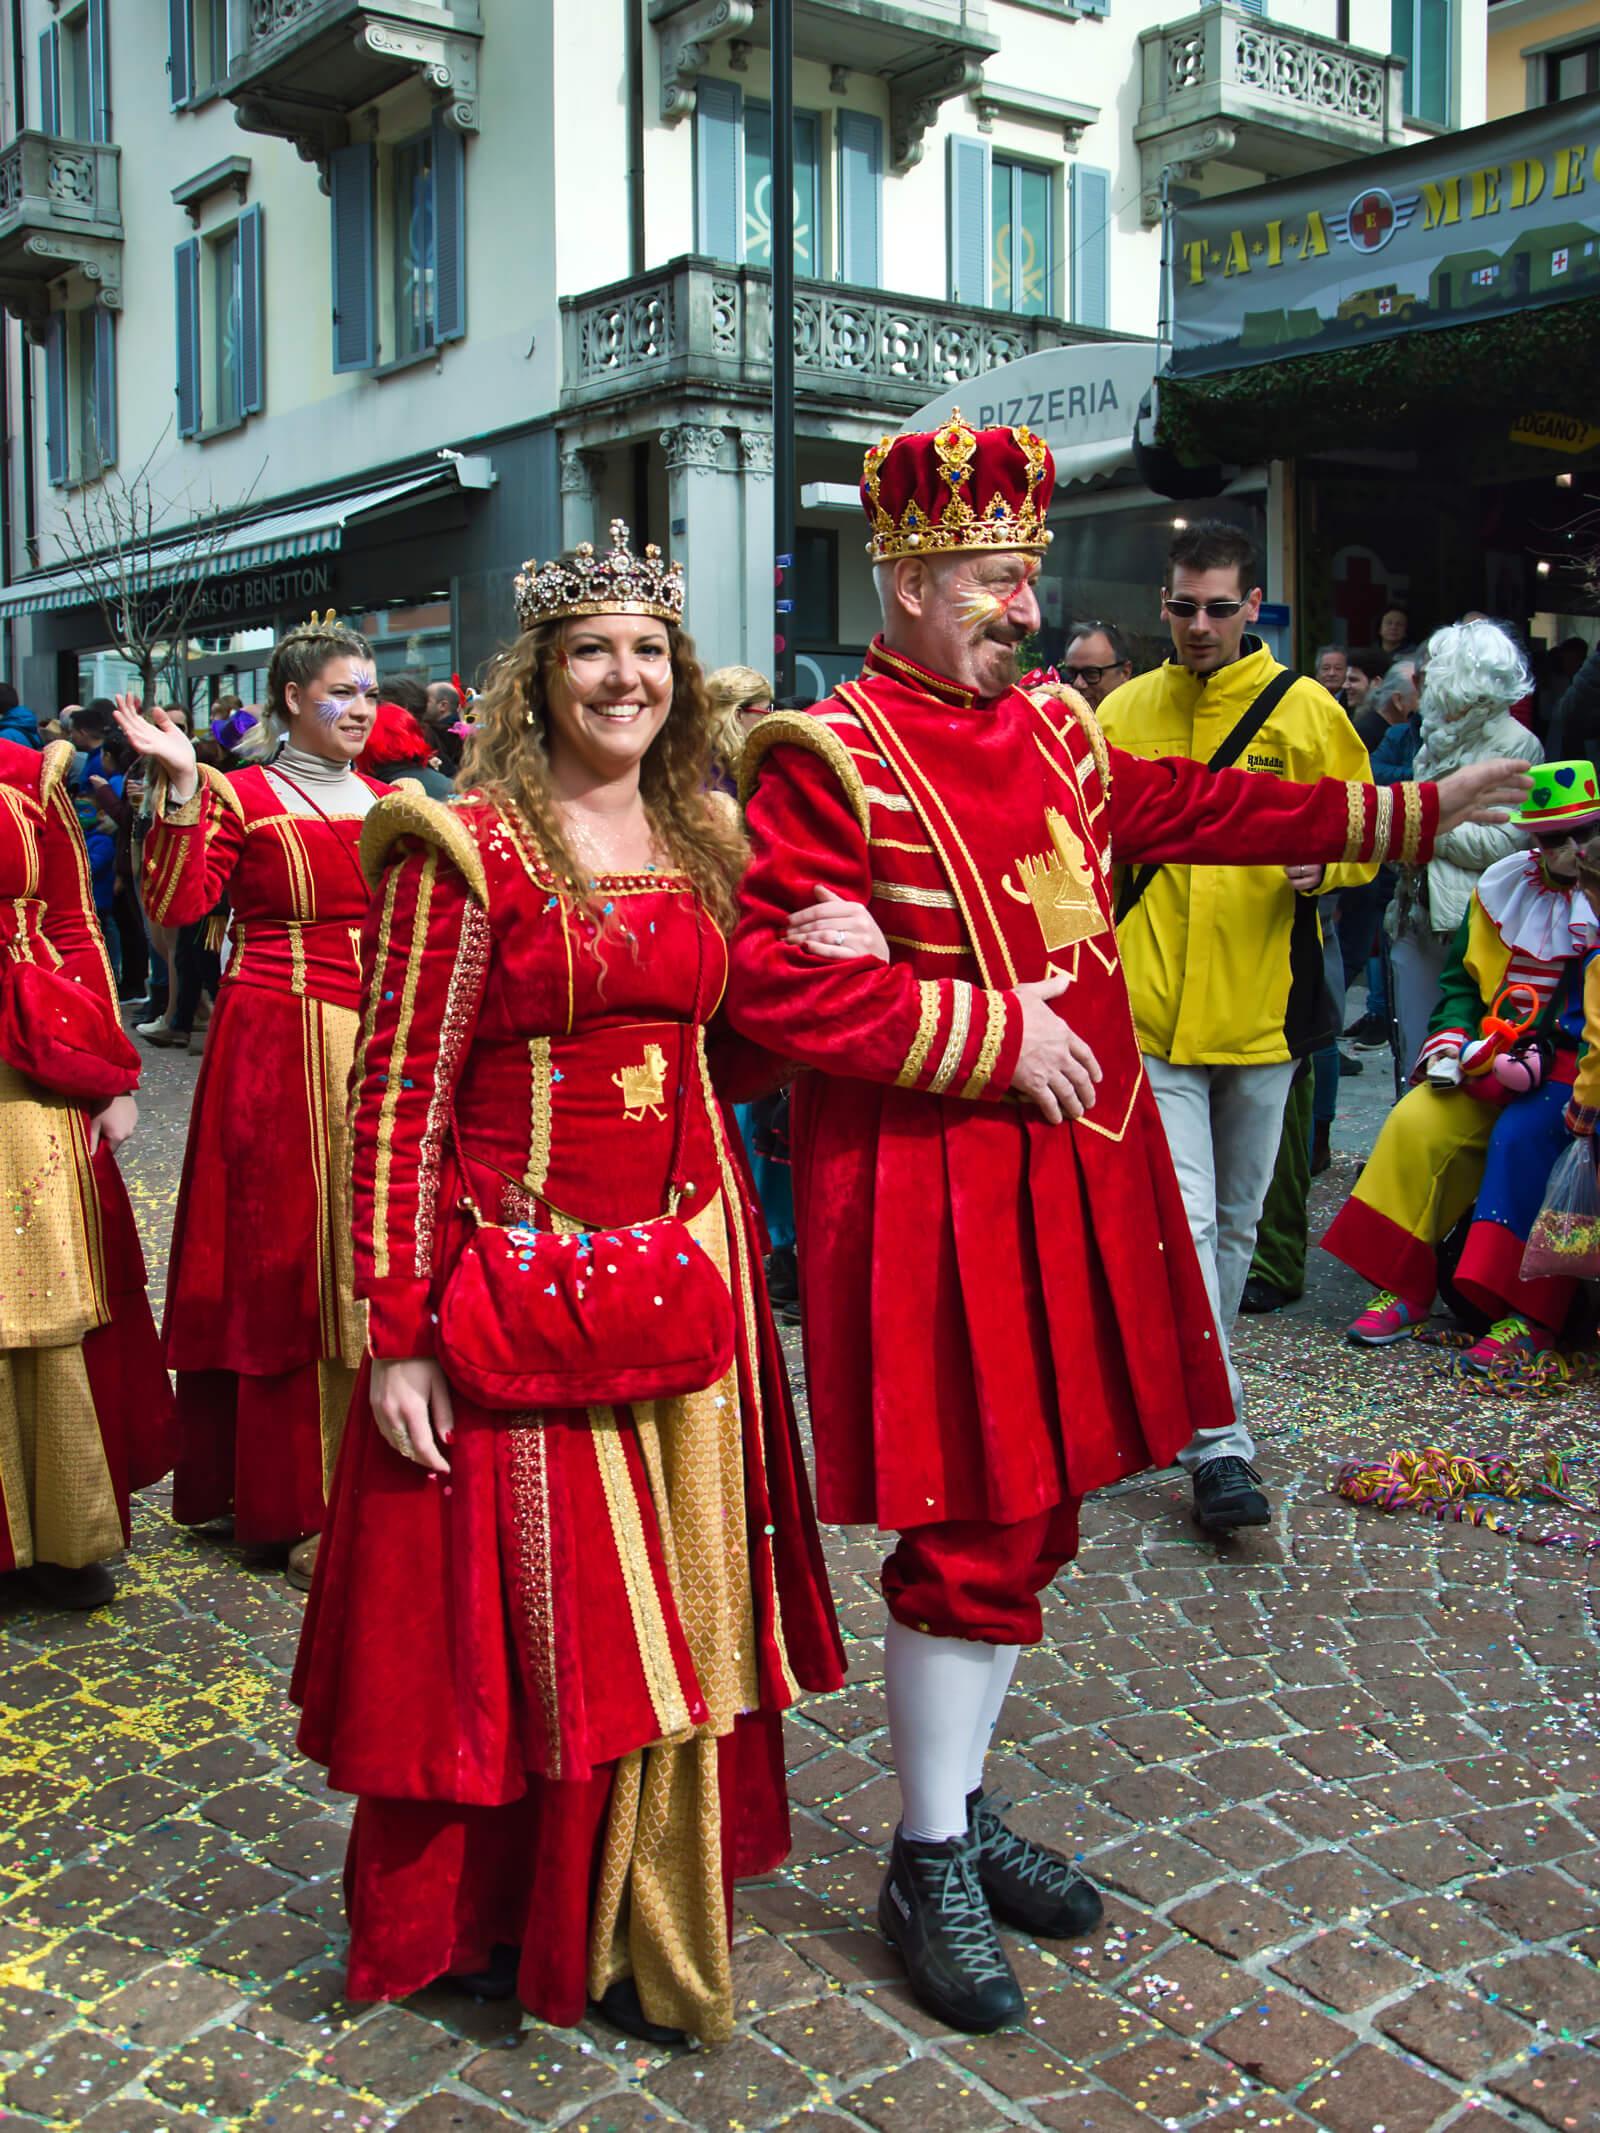 King Rabadan at the Carnival in Bellinzona